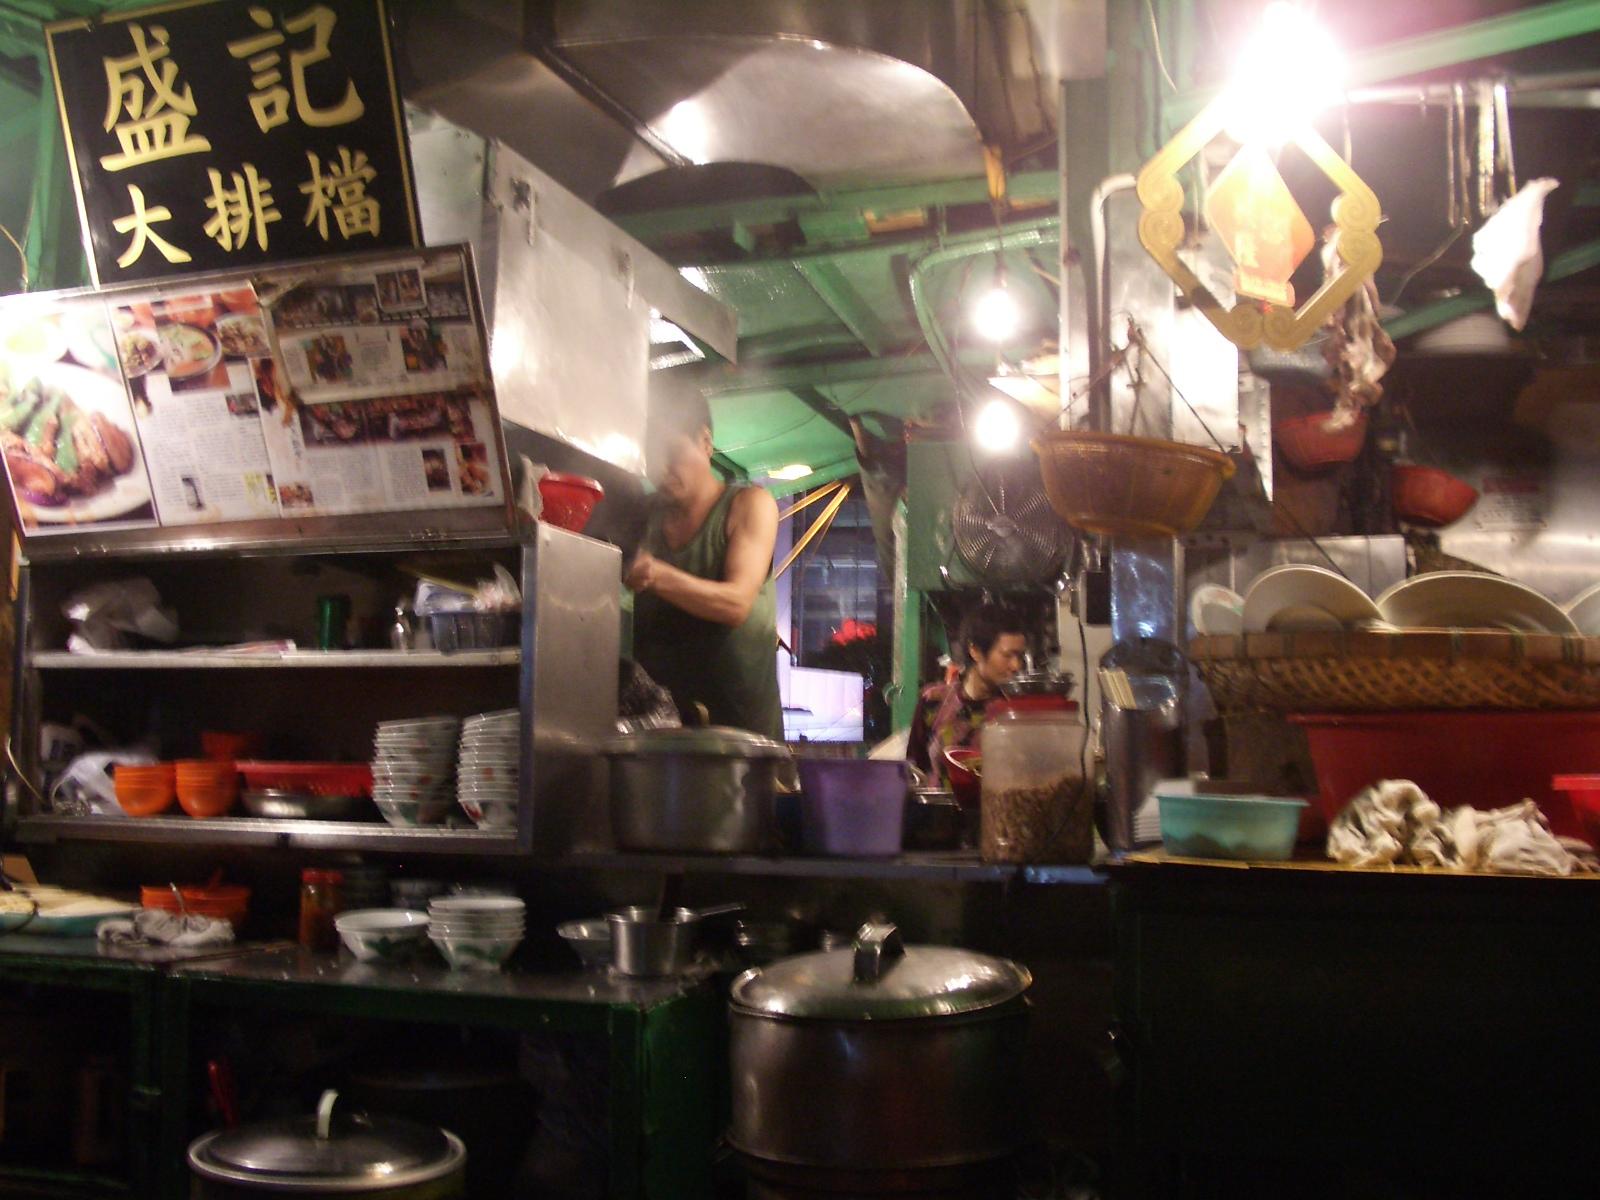 http://2.bp.blogspot.com/_GKFCuF7YegQ/R1LpGokvoqI/AAAAAAAAB5g/jmPgZwNui-A/s1600-R/DowntownHongKong.jpg